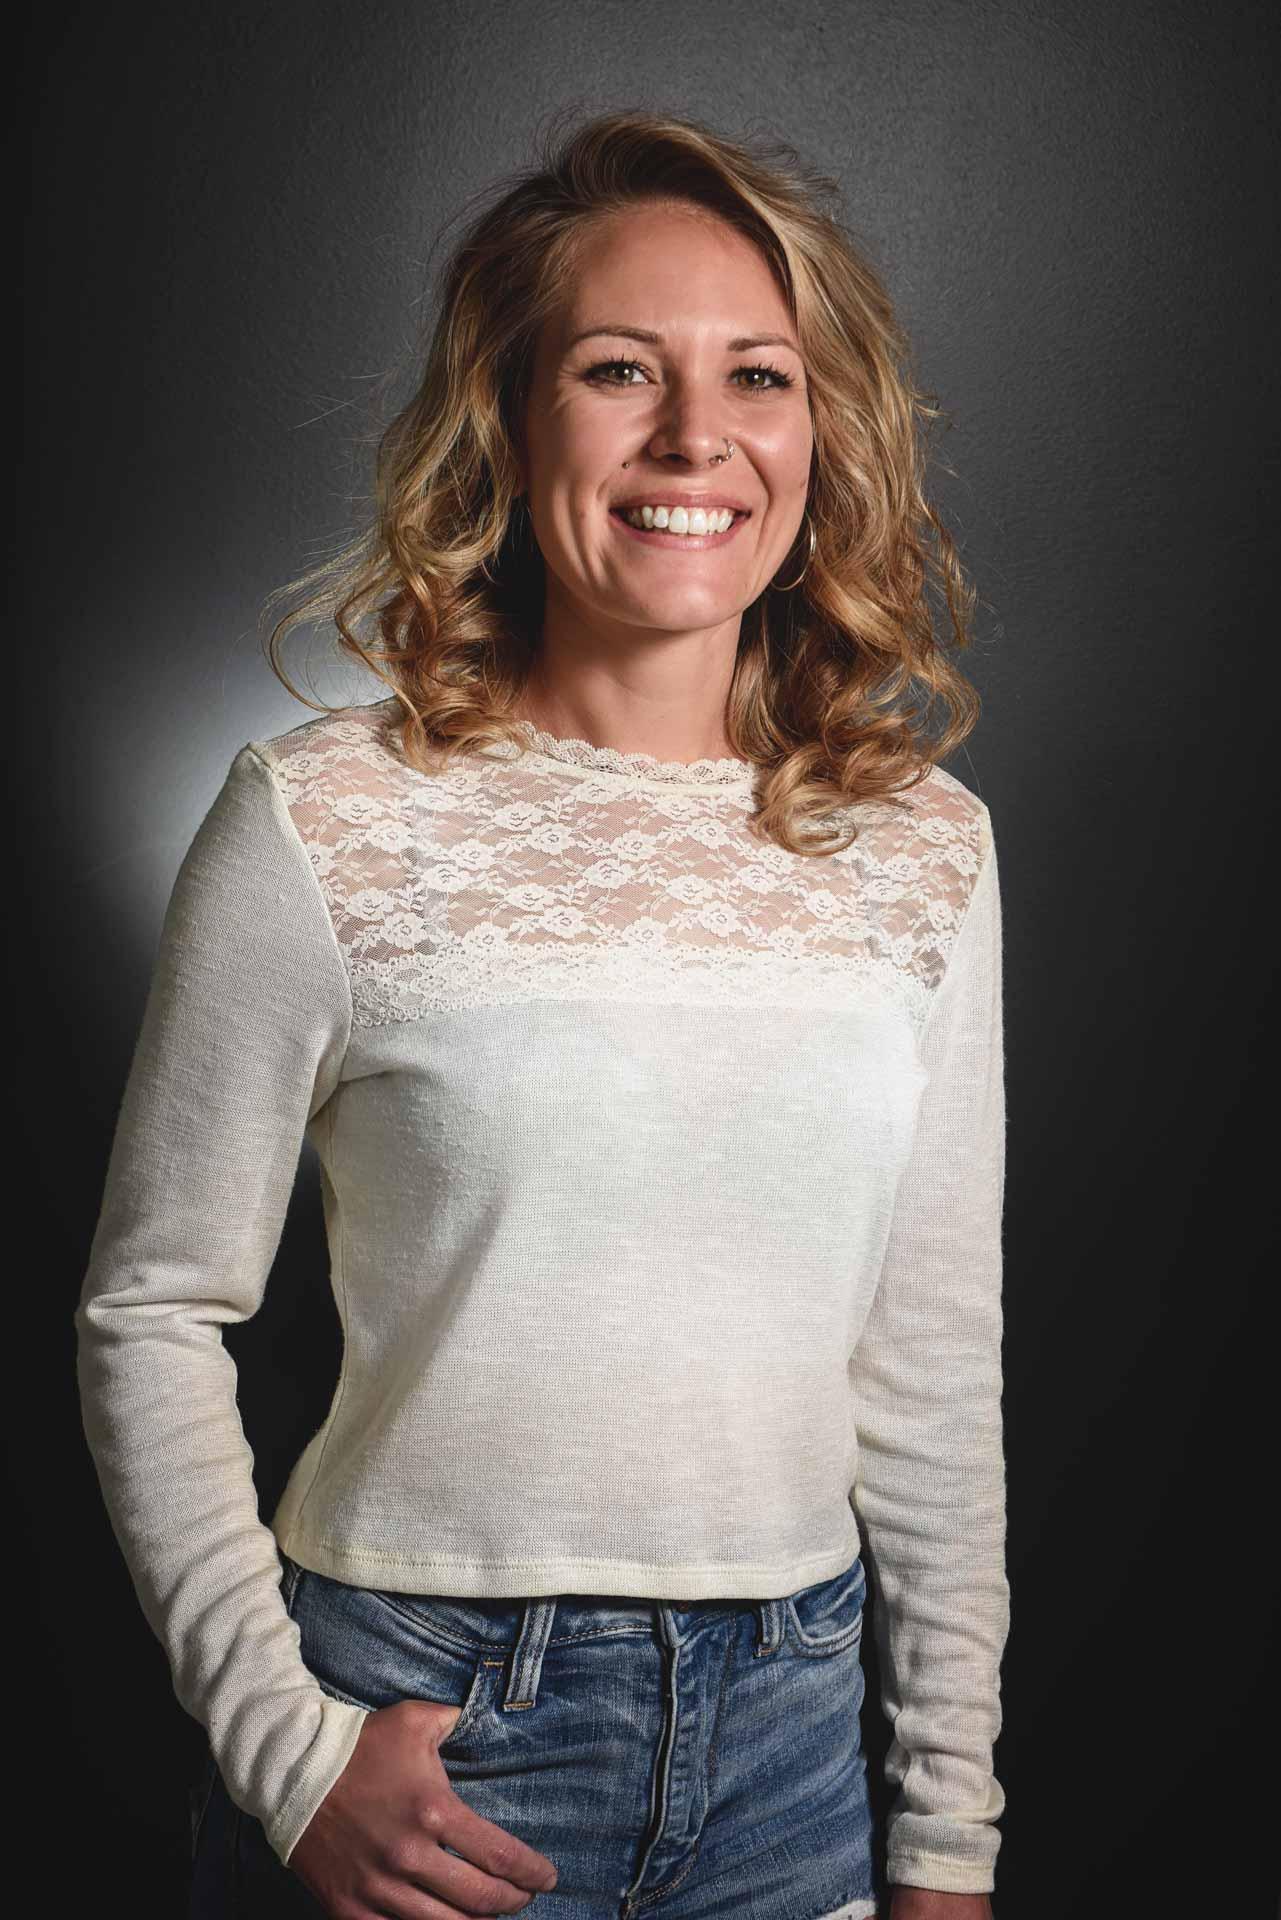 Michelle Moerschfelder | RMT | Evolve Chiropractic and Wellness | Downtown Calgary